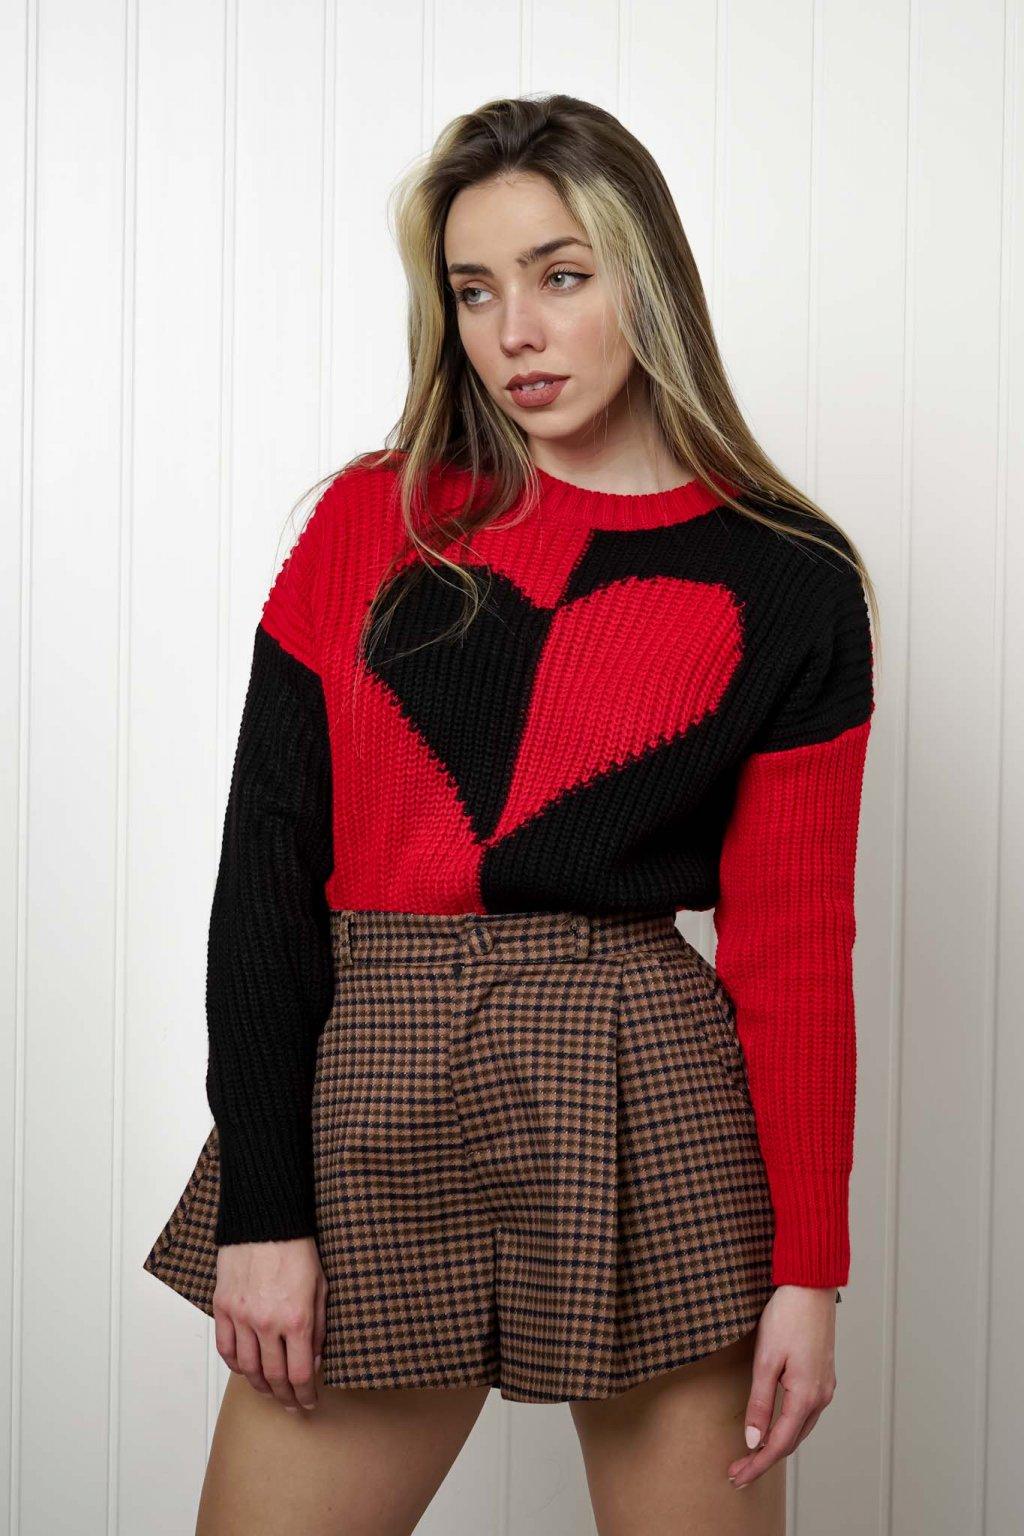 sveter, svetrík, sveter dámsky, úplet, úpletový sveter, jednoduchý sveter, v výstríh, štýlový, chlpatý,vzorovaný, srdiečkový, čierny, biely, farebný, 051